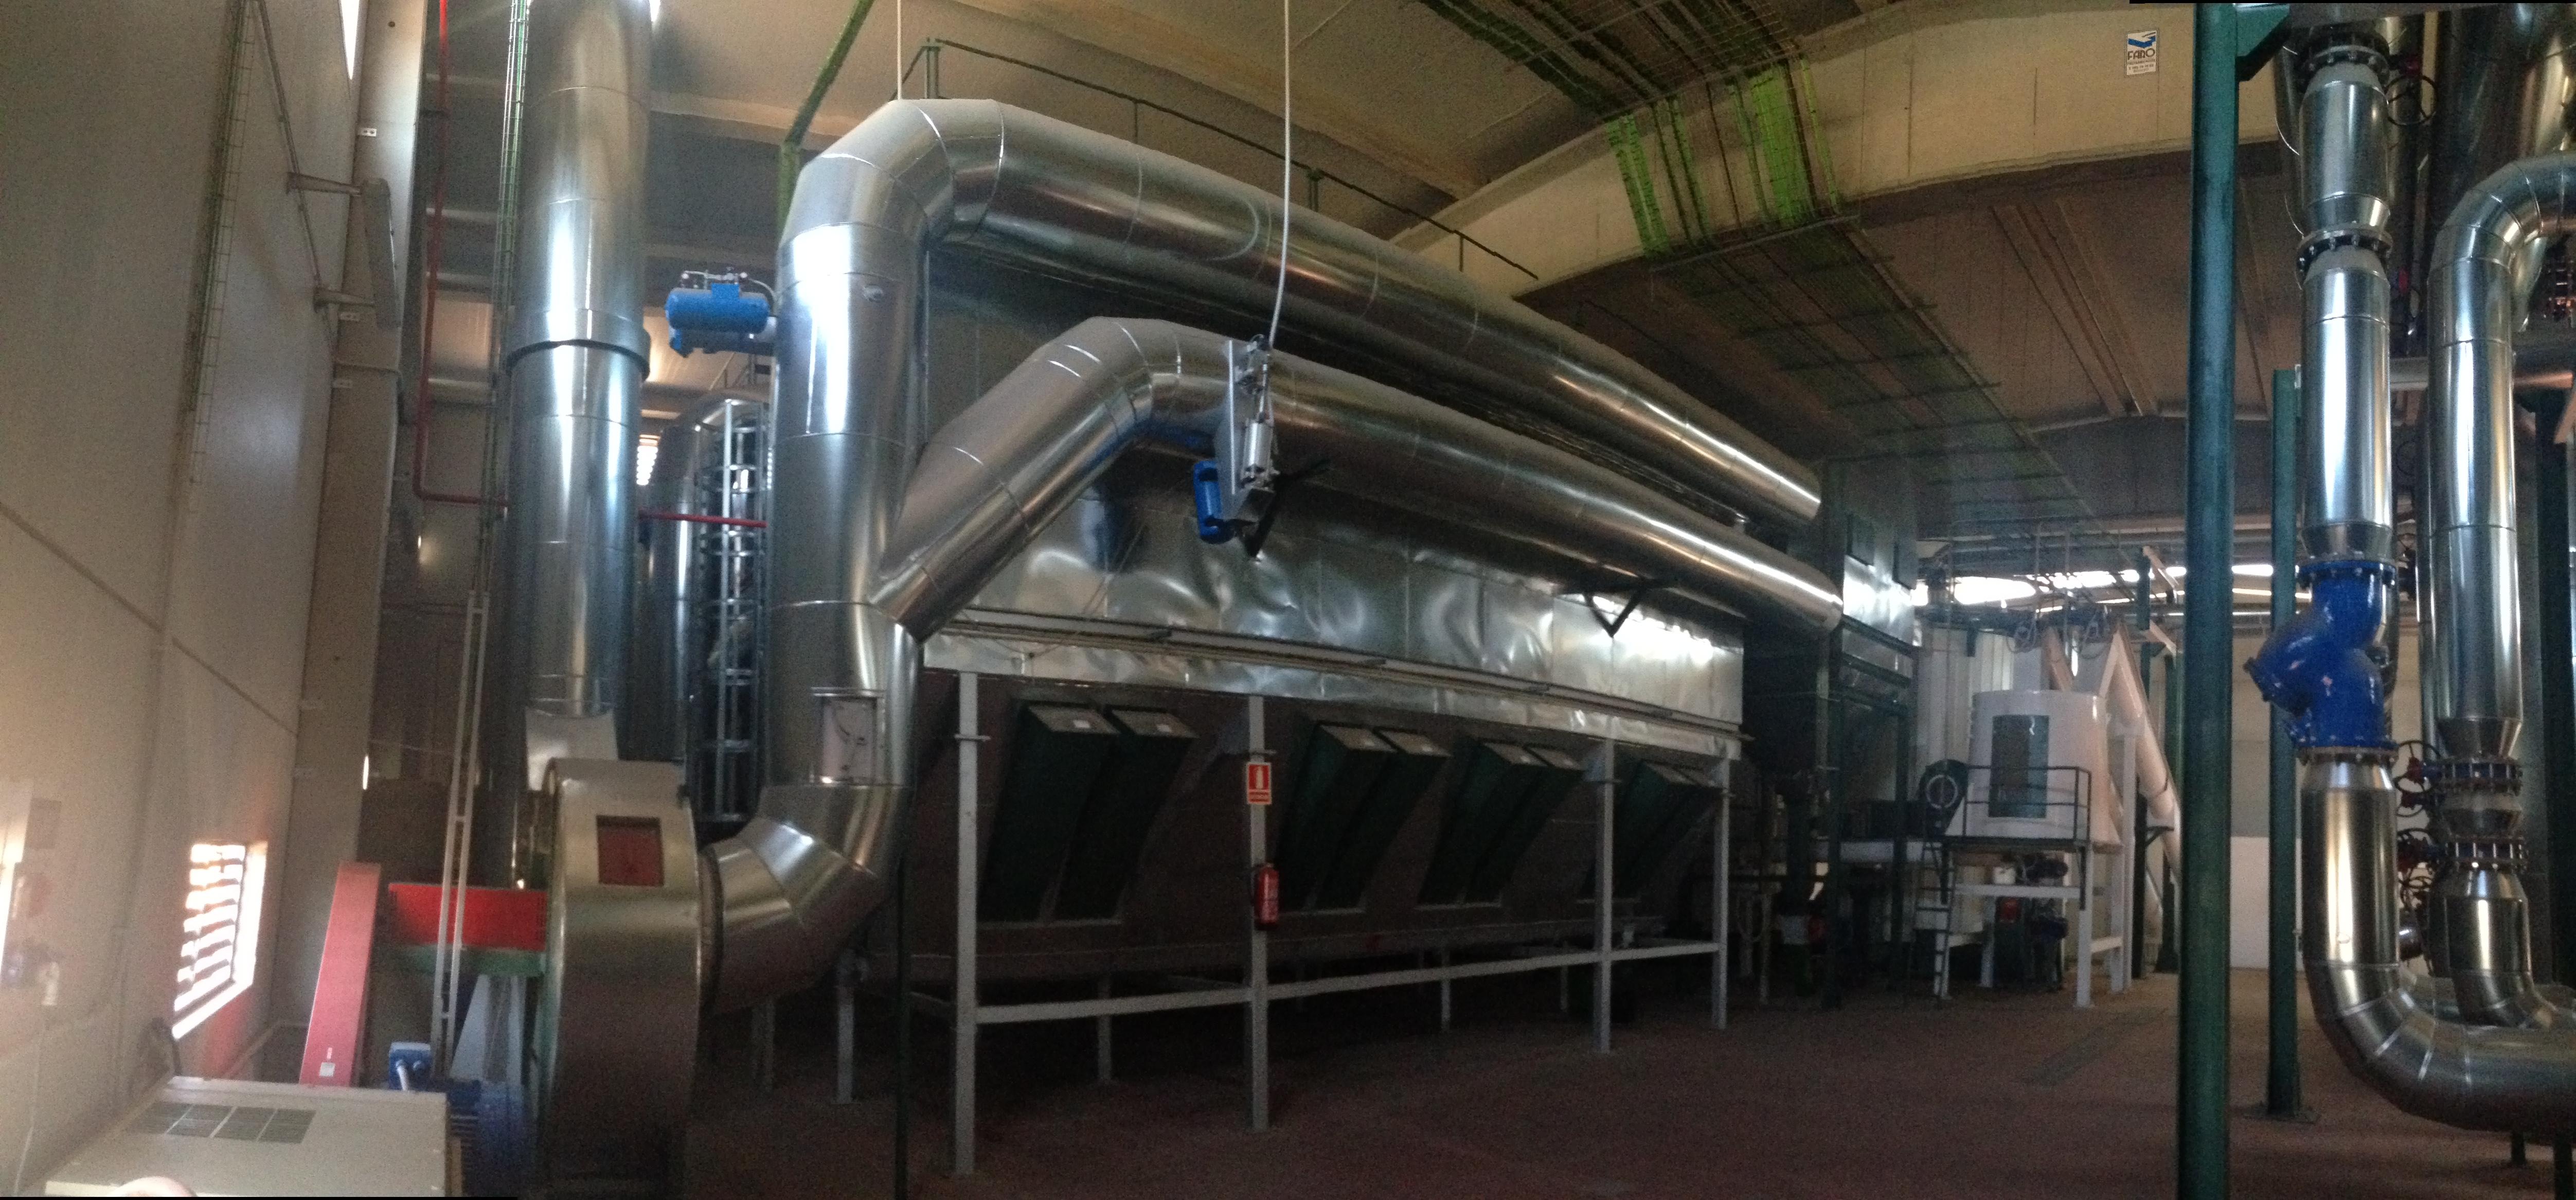 La Red de Calor de Soria continúa su ampliación con un nuevo depósito de inercia en la central térmica